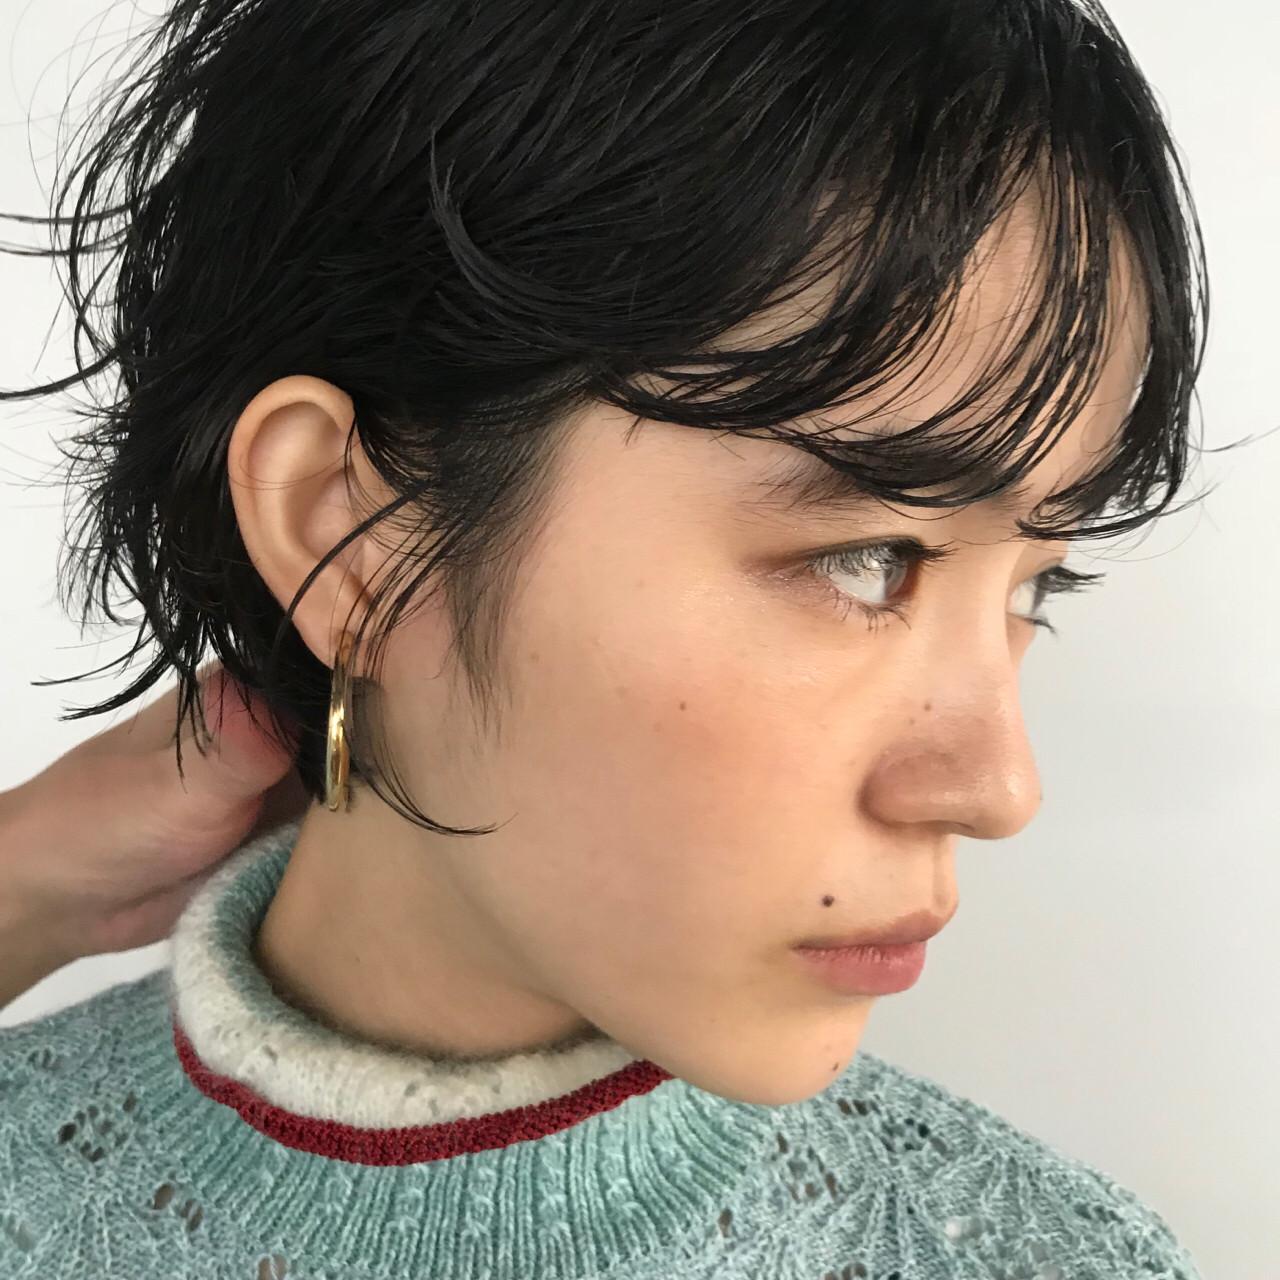 大人女子 前髪パーマ ナチュラル ショートボブ ヘアスタイルや髪型の写真・画像